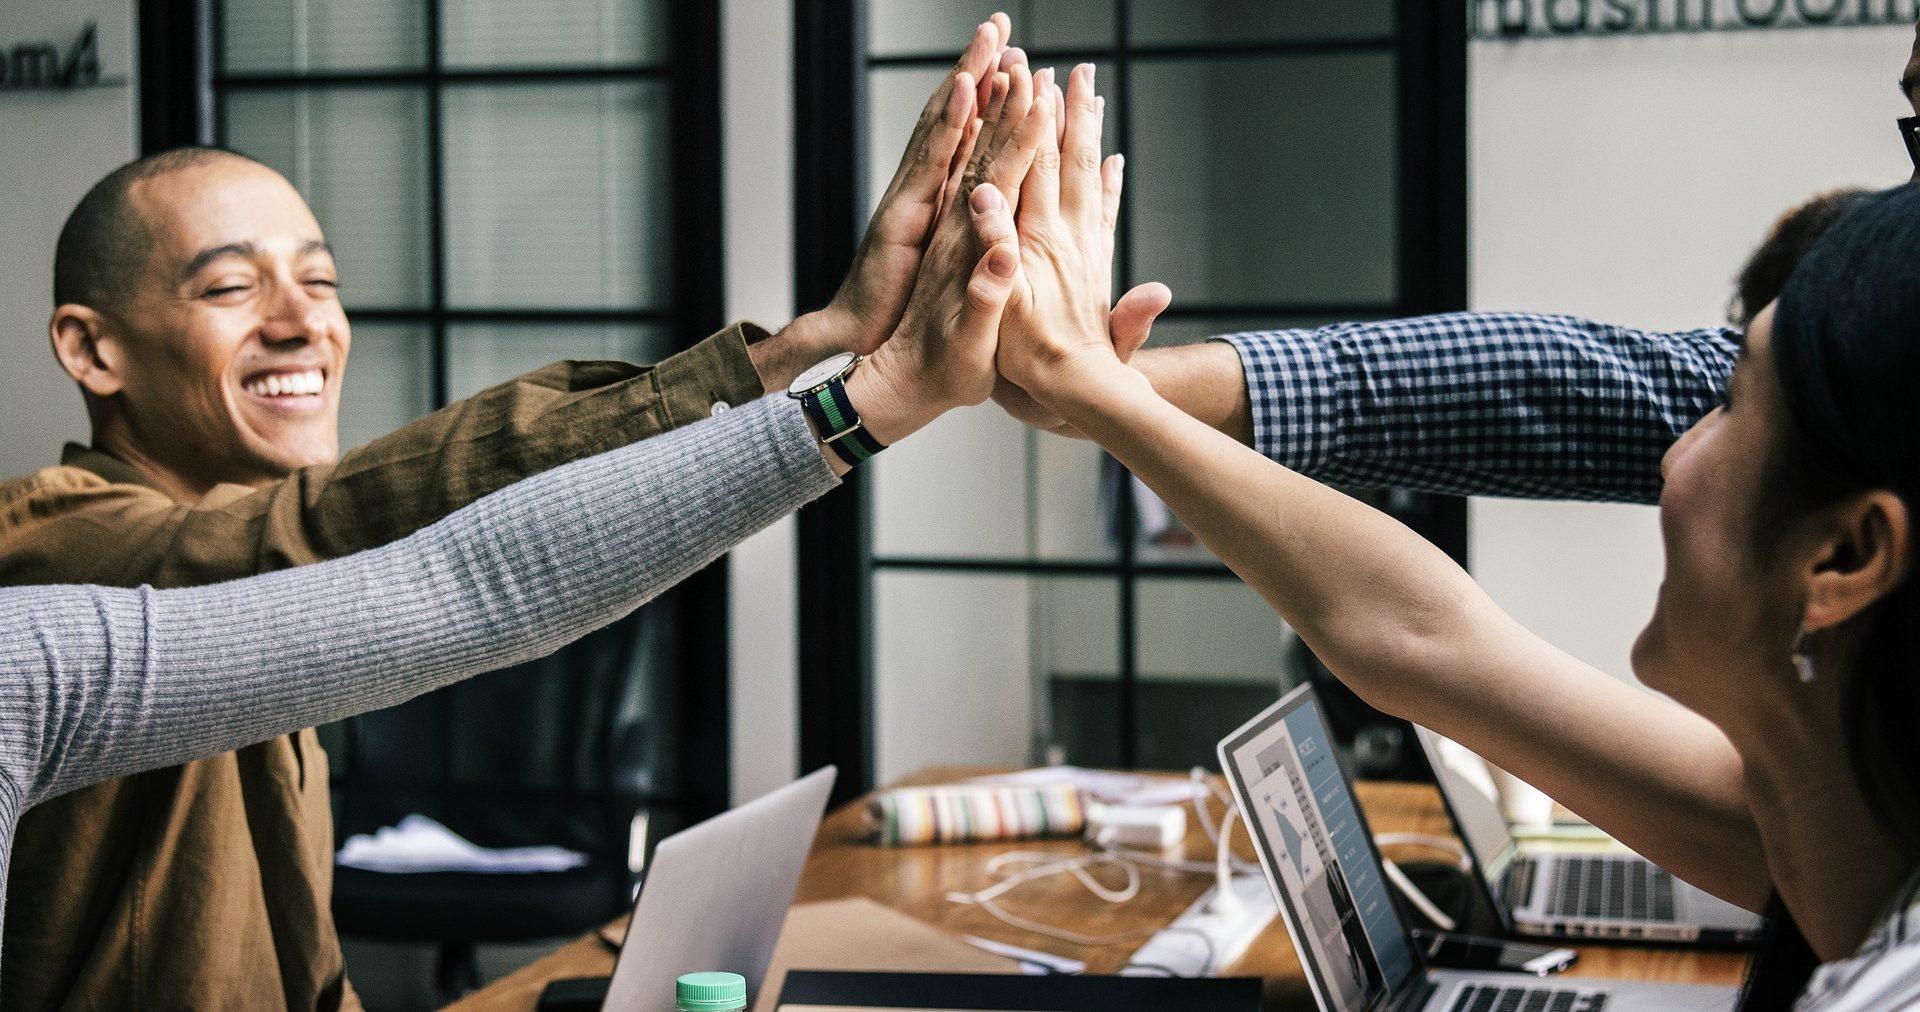 Führungsverhalten: Eine zunehmend wichtige Dimension der Führung ist die Zusammenarbeit in Teams zu fördern